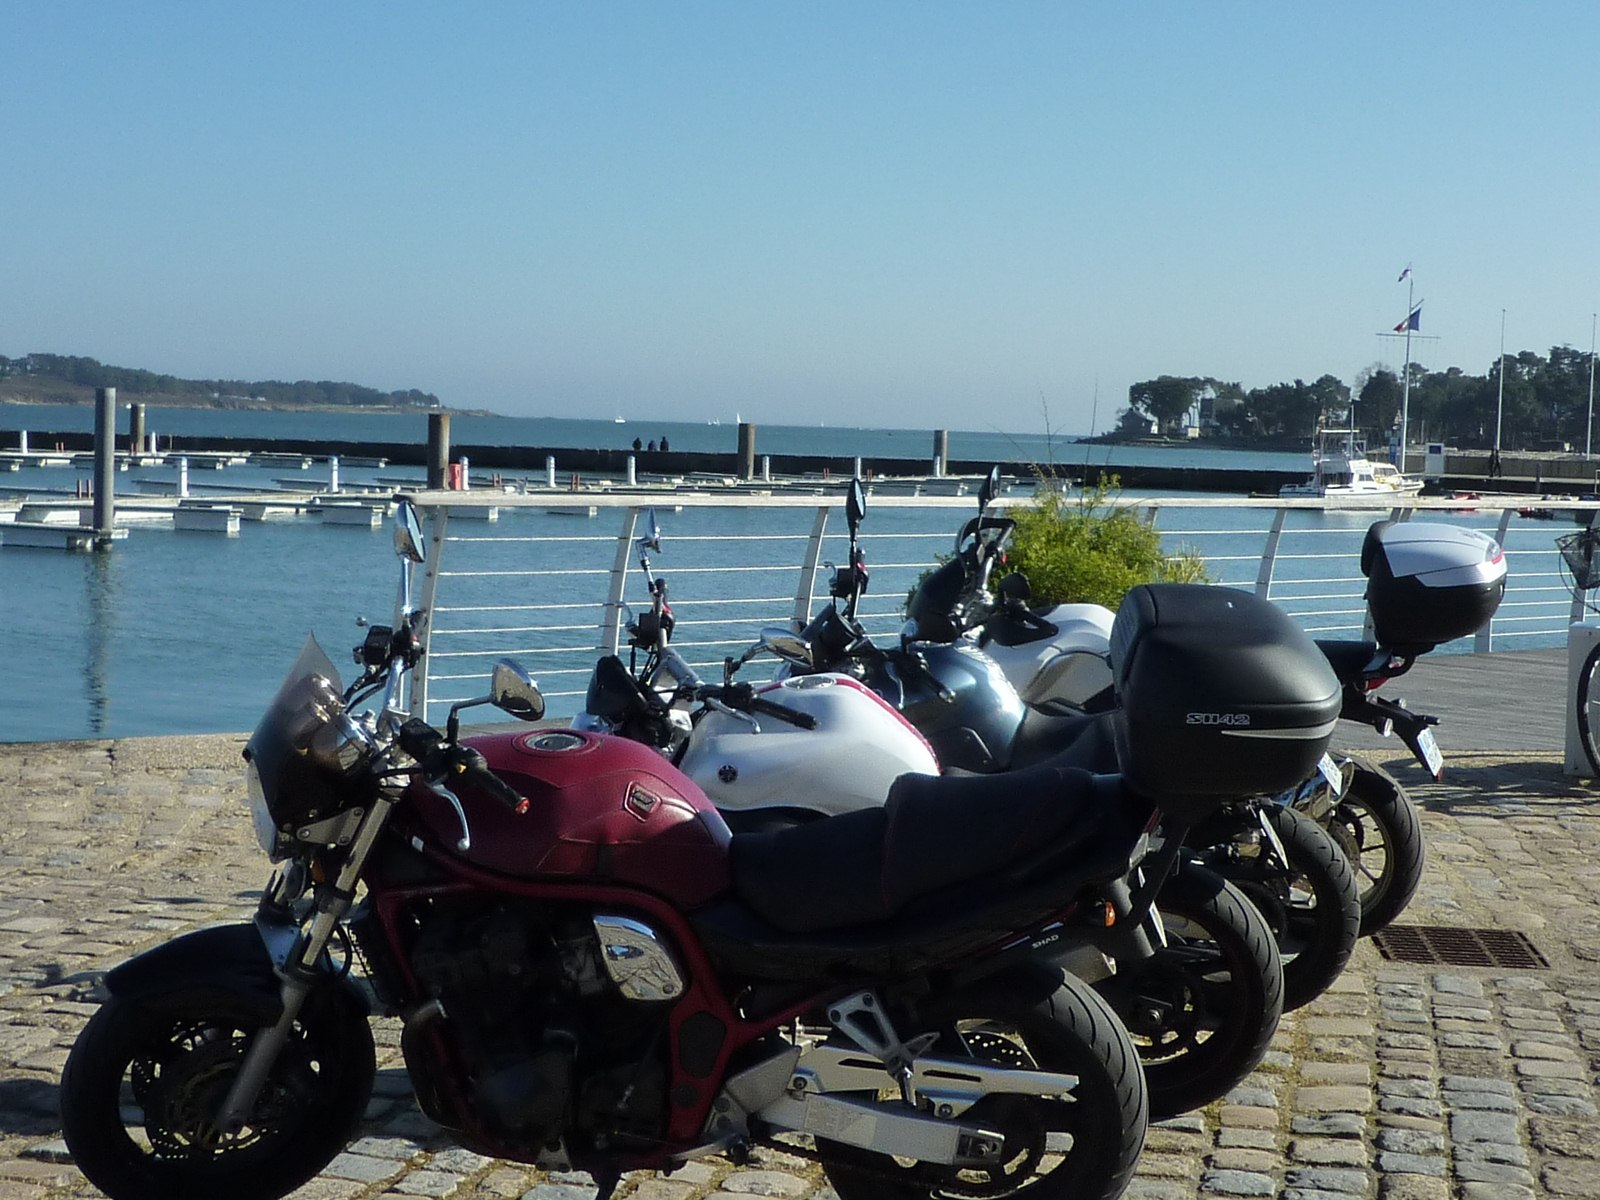 moto16 03 2014 010 [1600x1200]